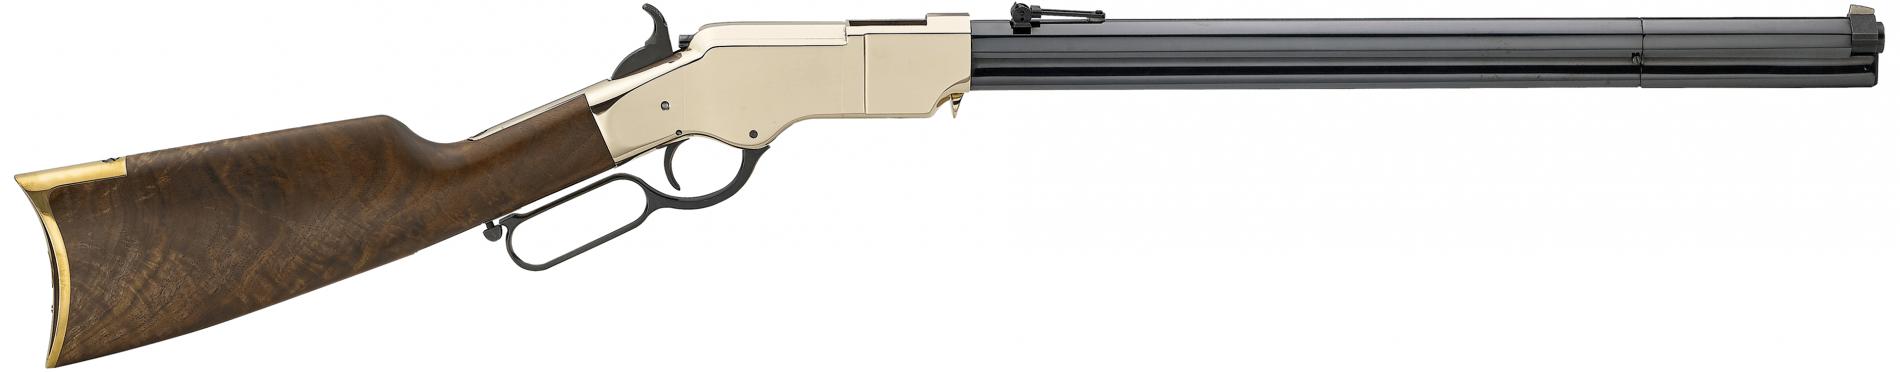 H011R-Henry-Original-Rare-Carbine-Hero-1.png